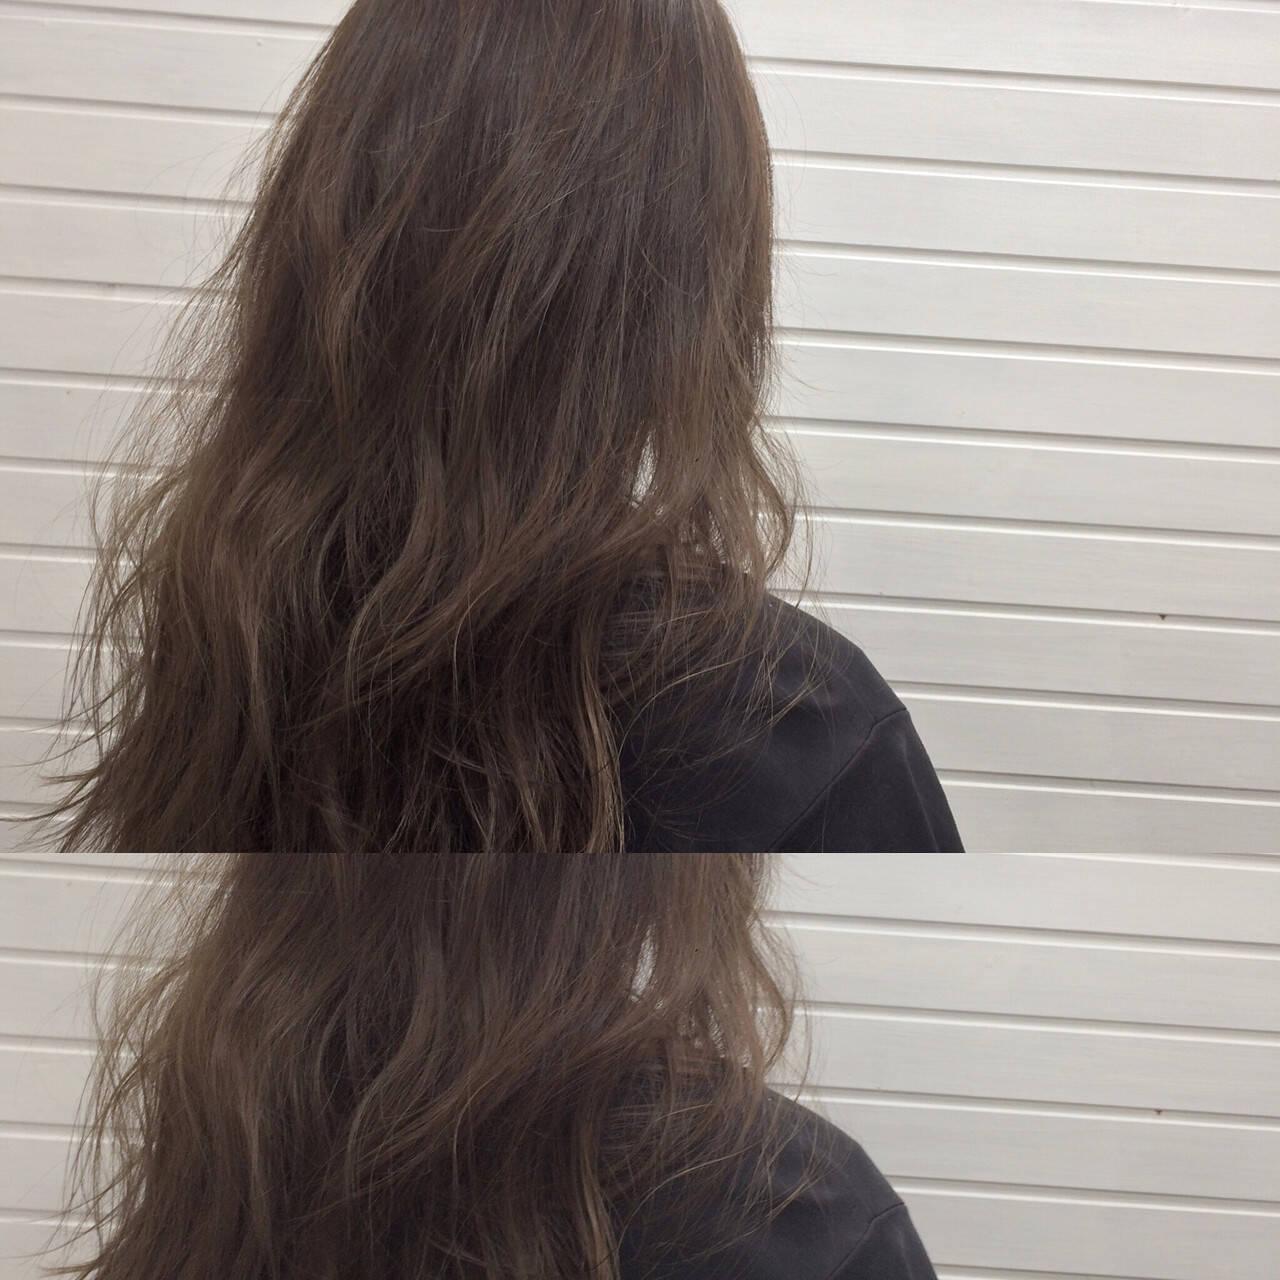 透明感 ダークアッシュ ハイライト 暗髪ヘアスタイルや髪型の写真・画像